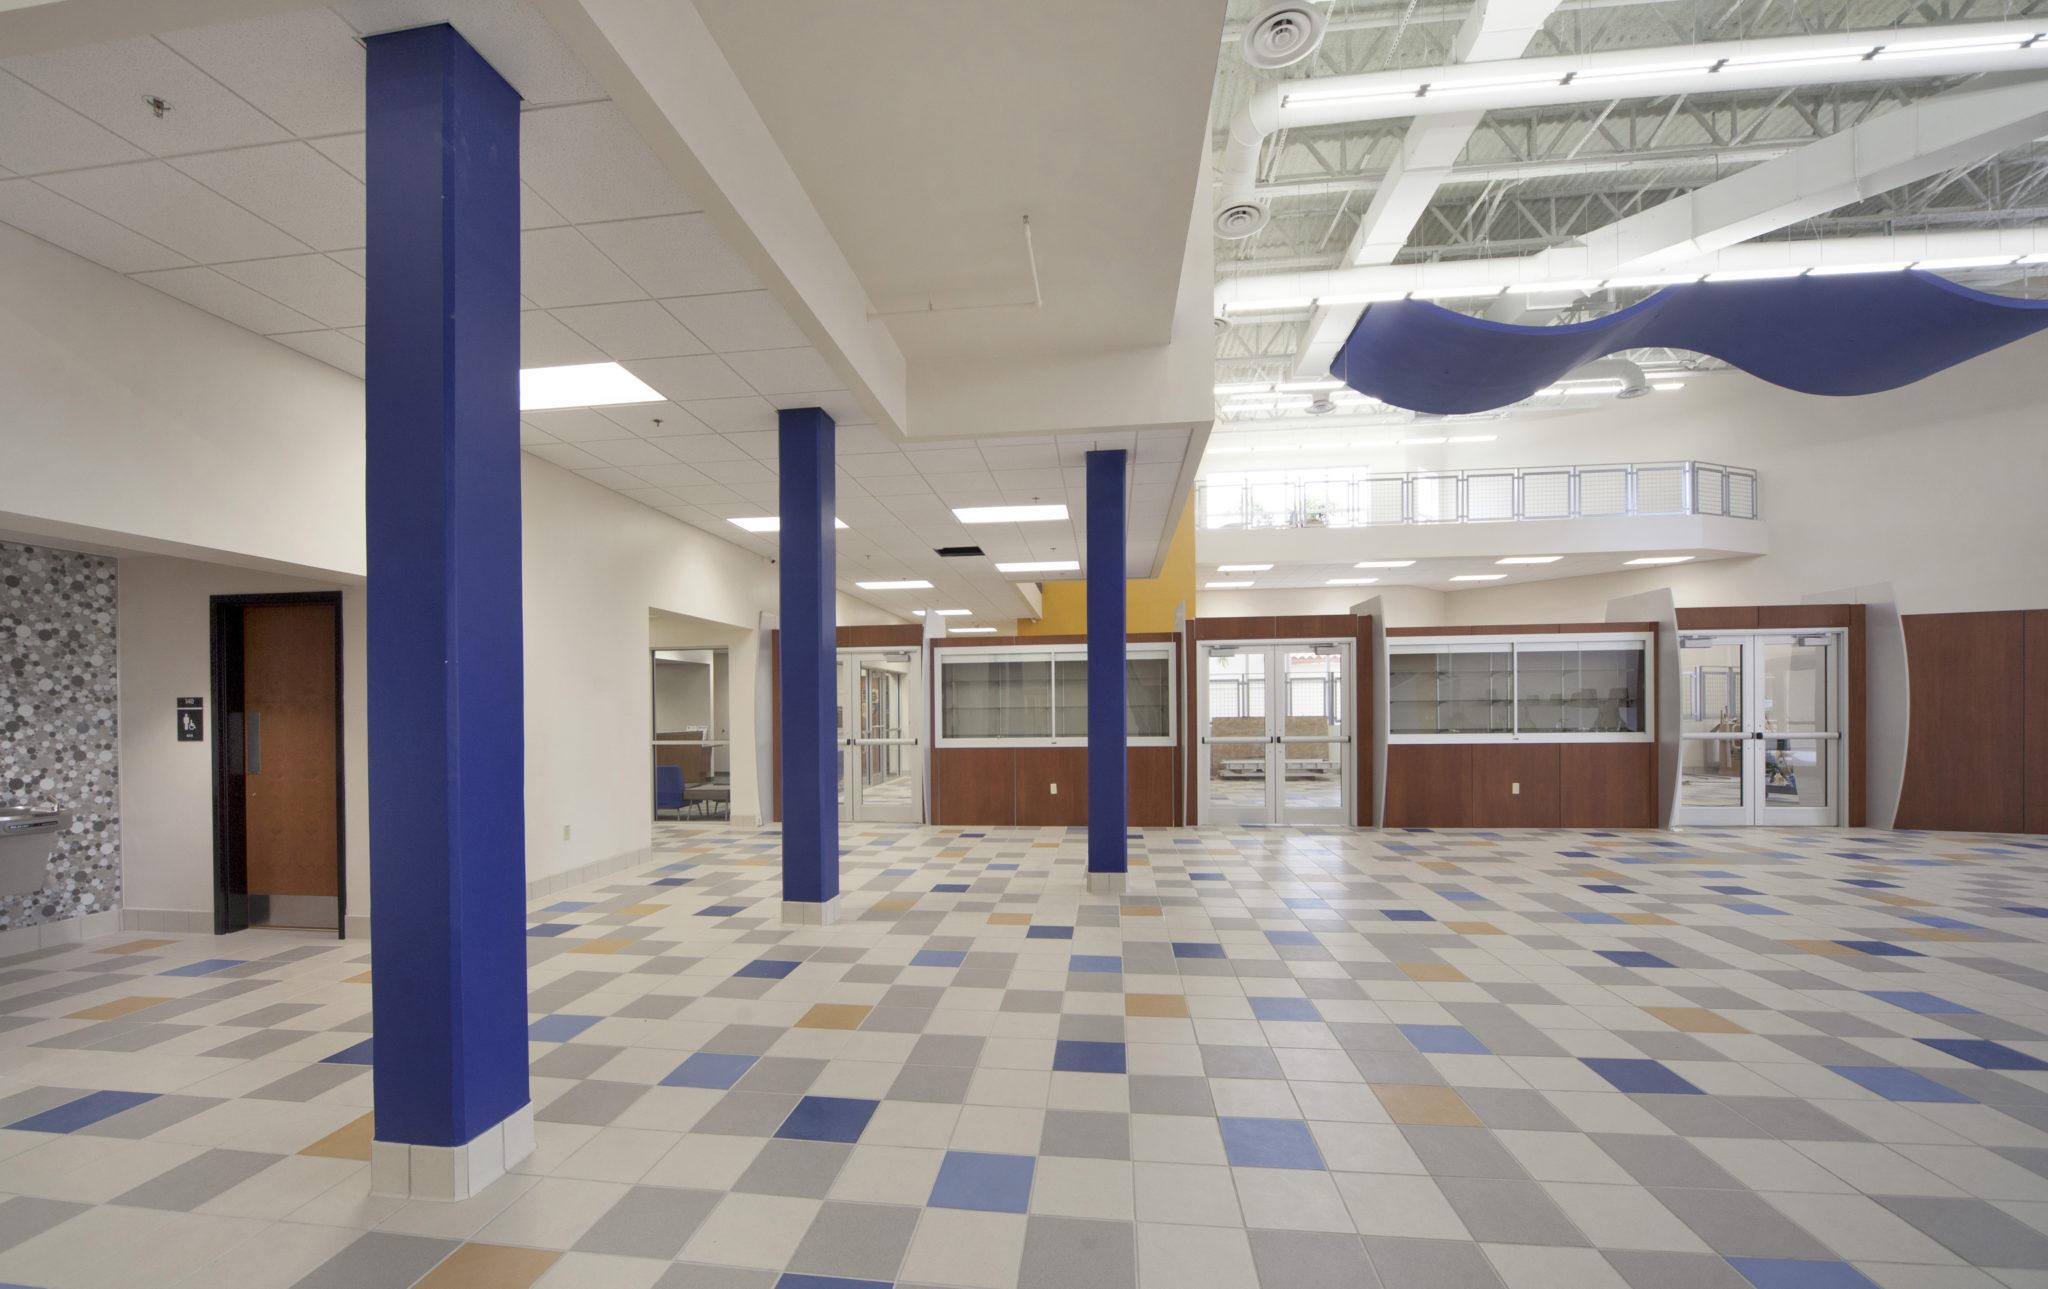 14_Doral High School